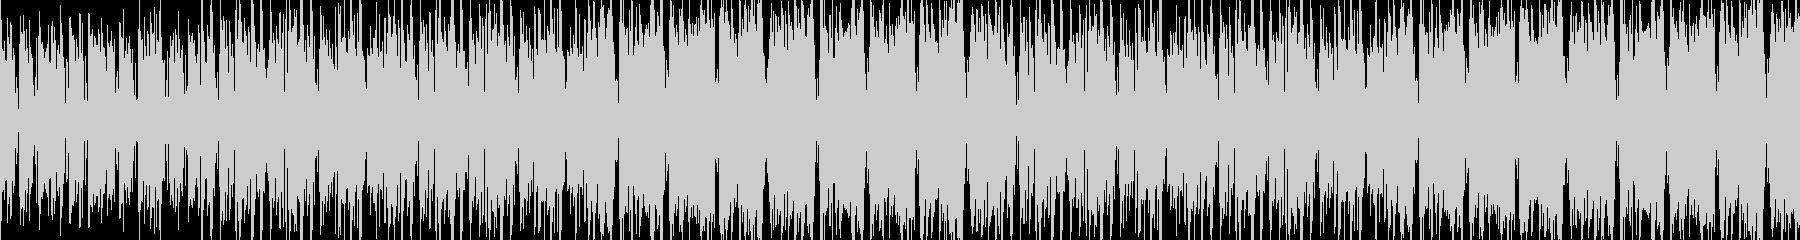 【ノリノリなアコギロック】の未再生の波形